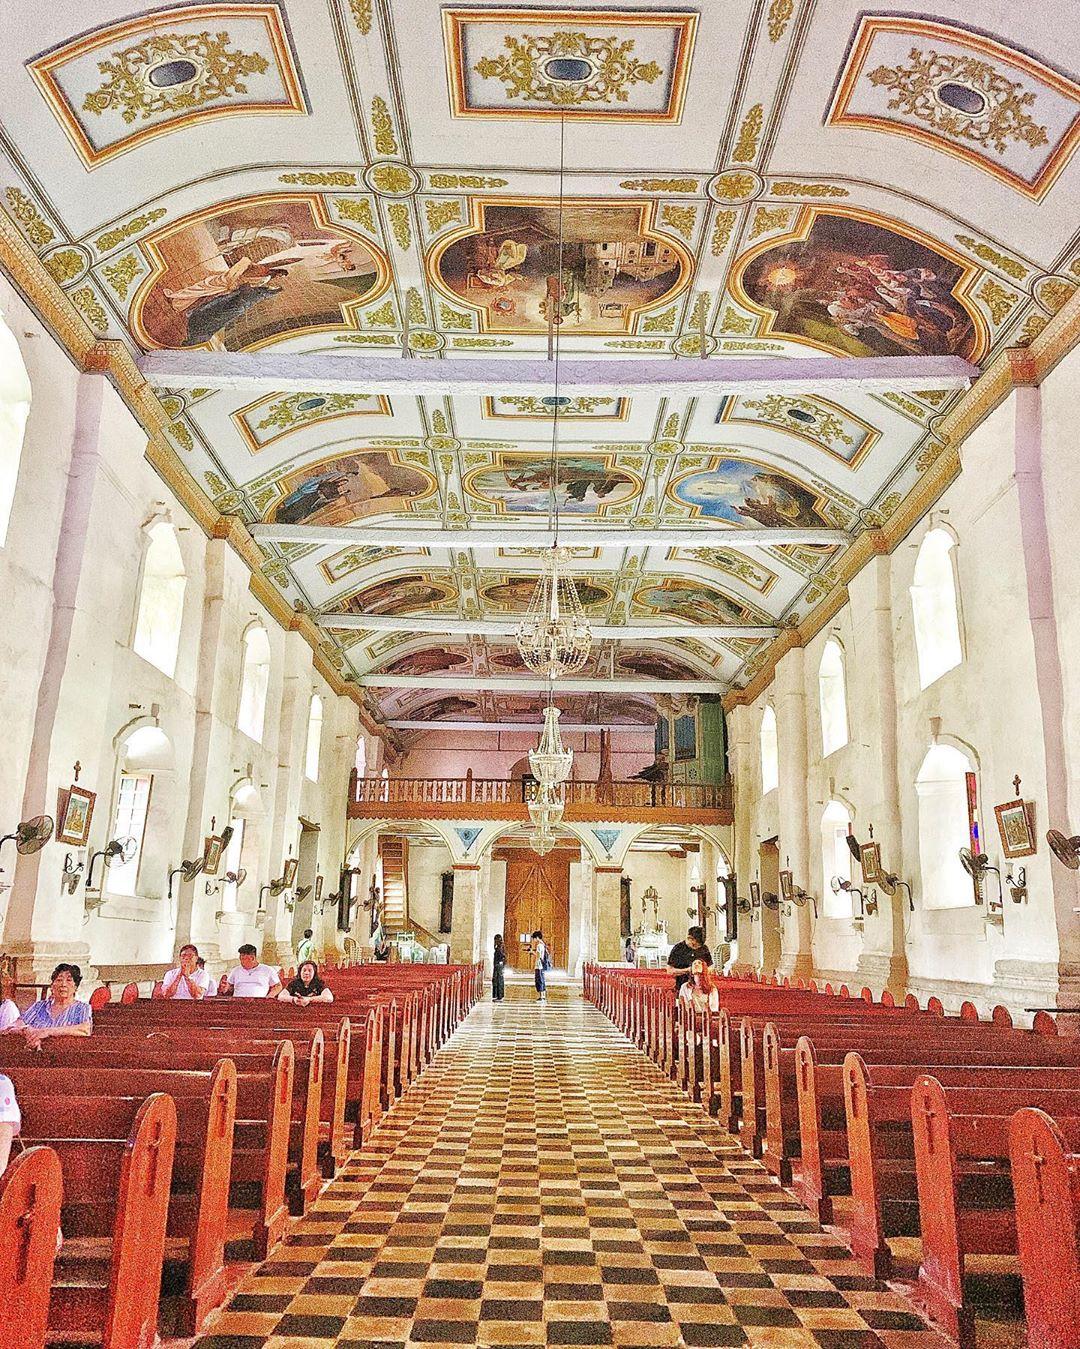 Nhà thờ Baclayon, Bohol, Philippines